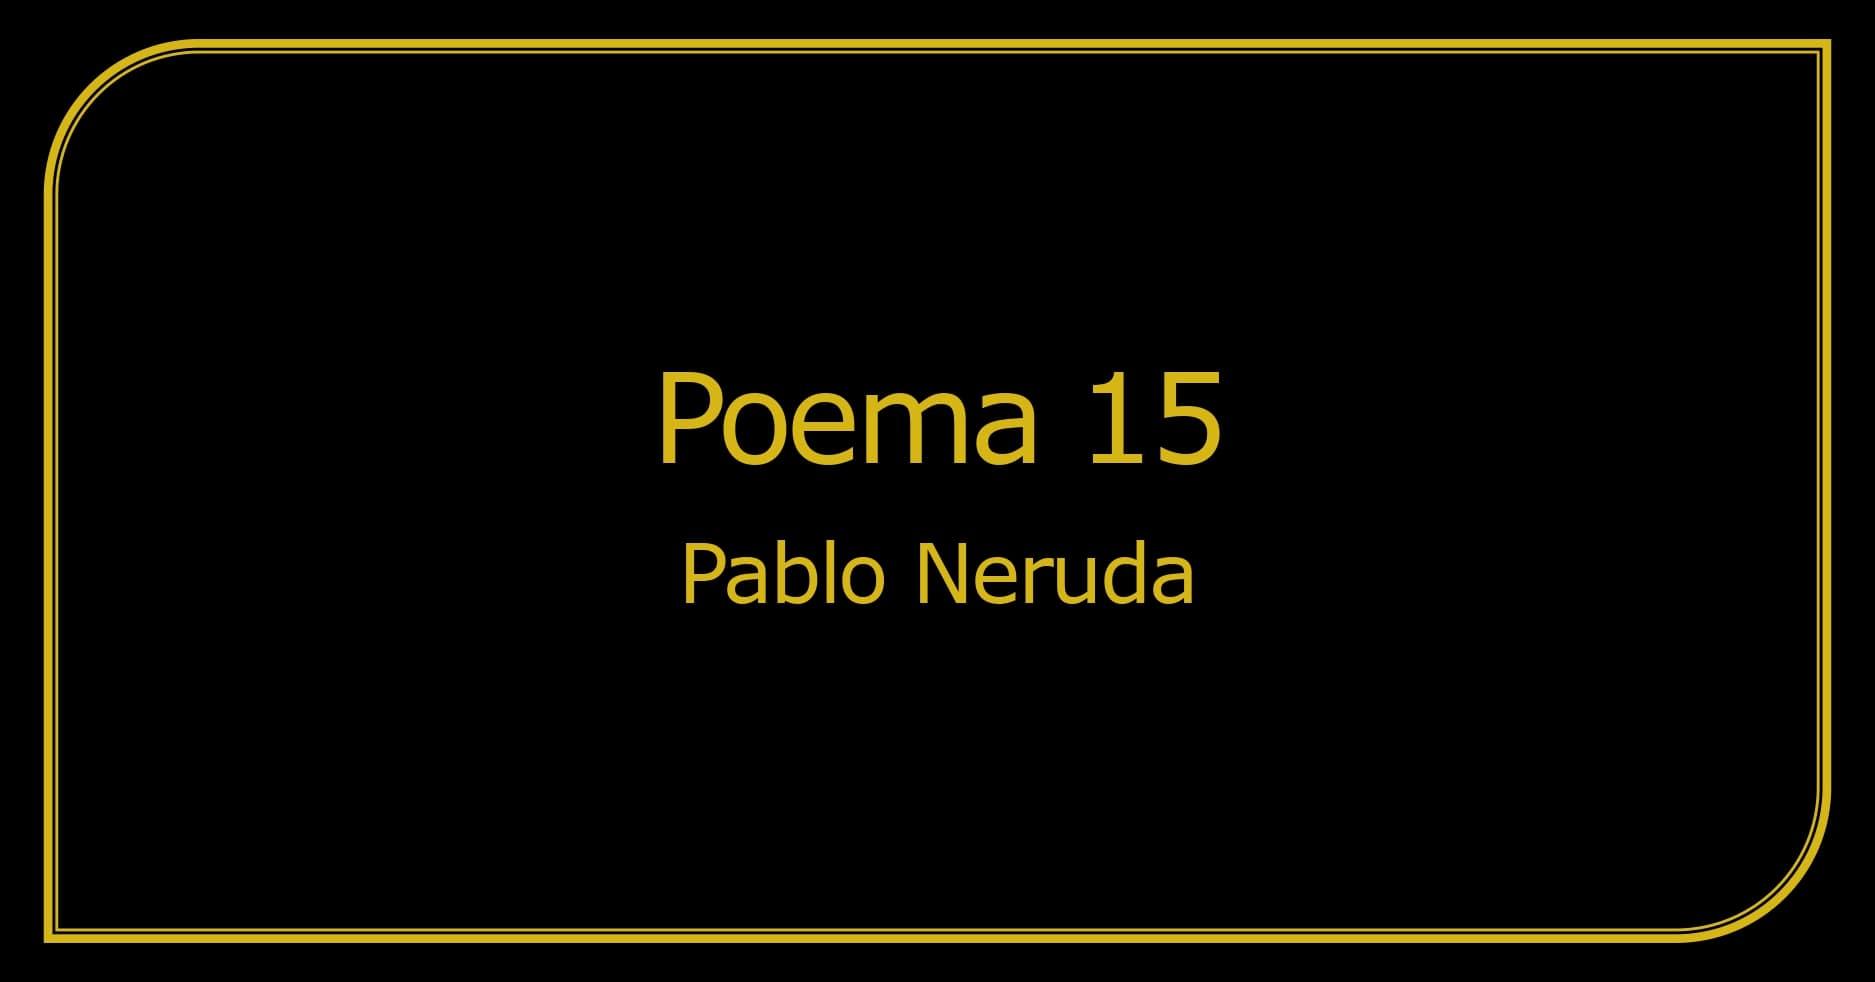 Poema 15